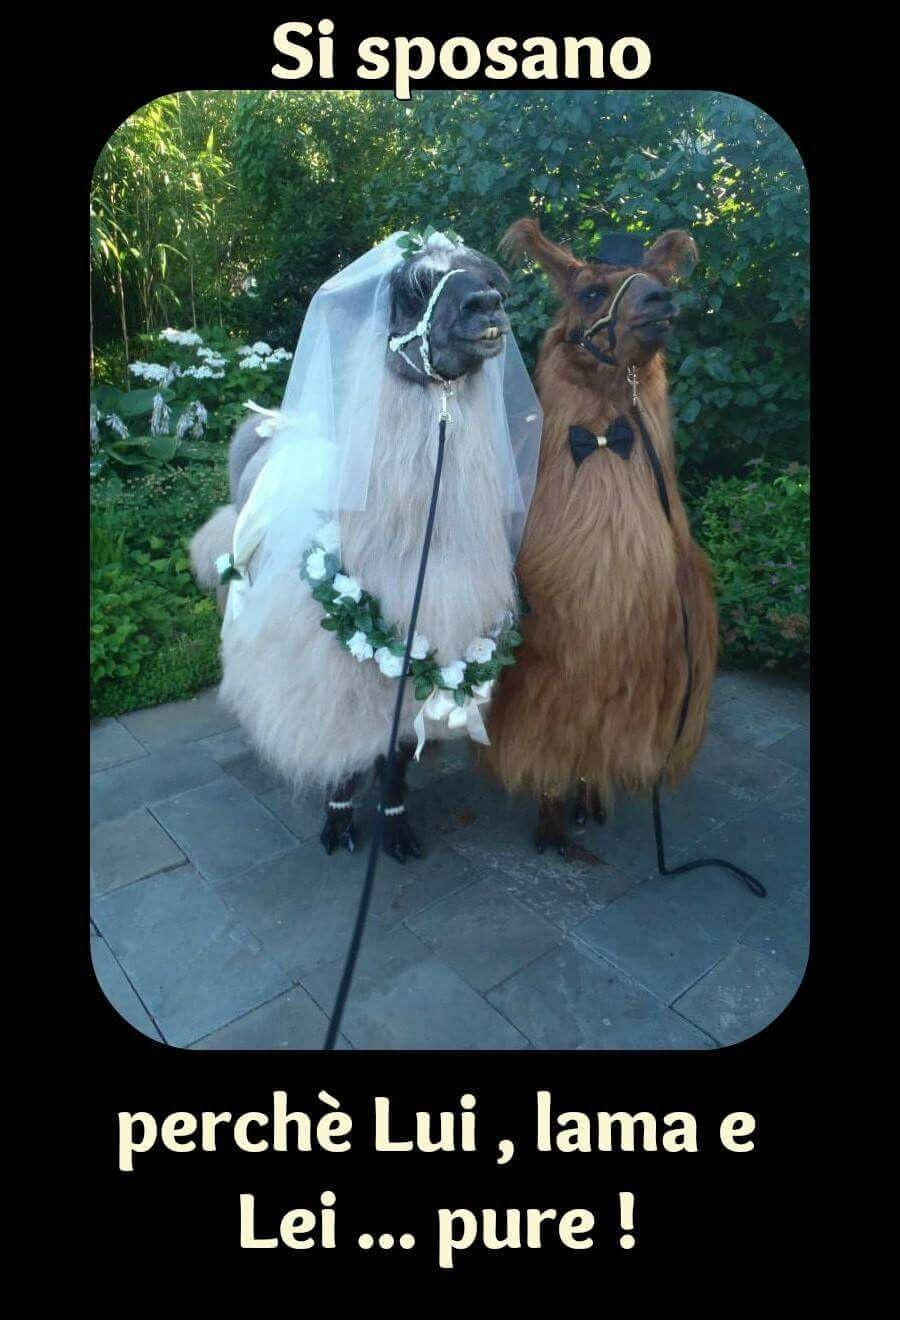 Si sposano perchè Lui, Lama e Lei... pure !!!